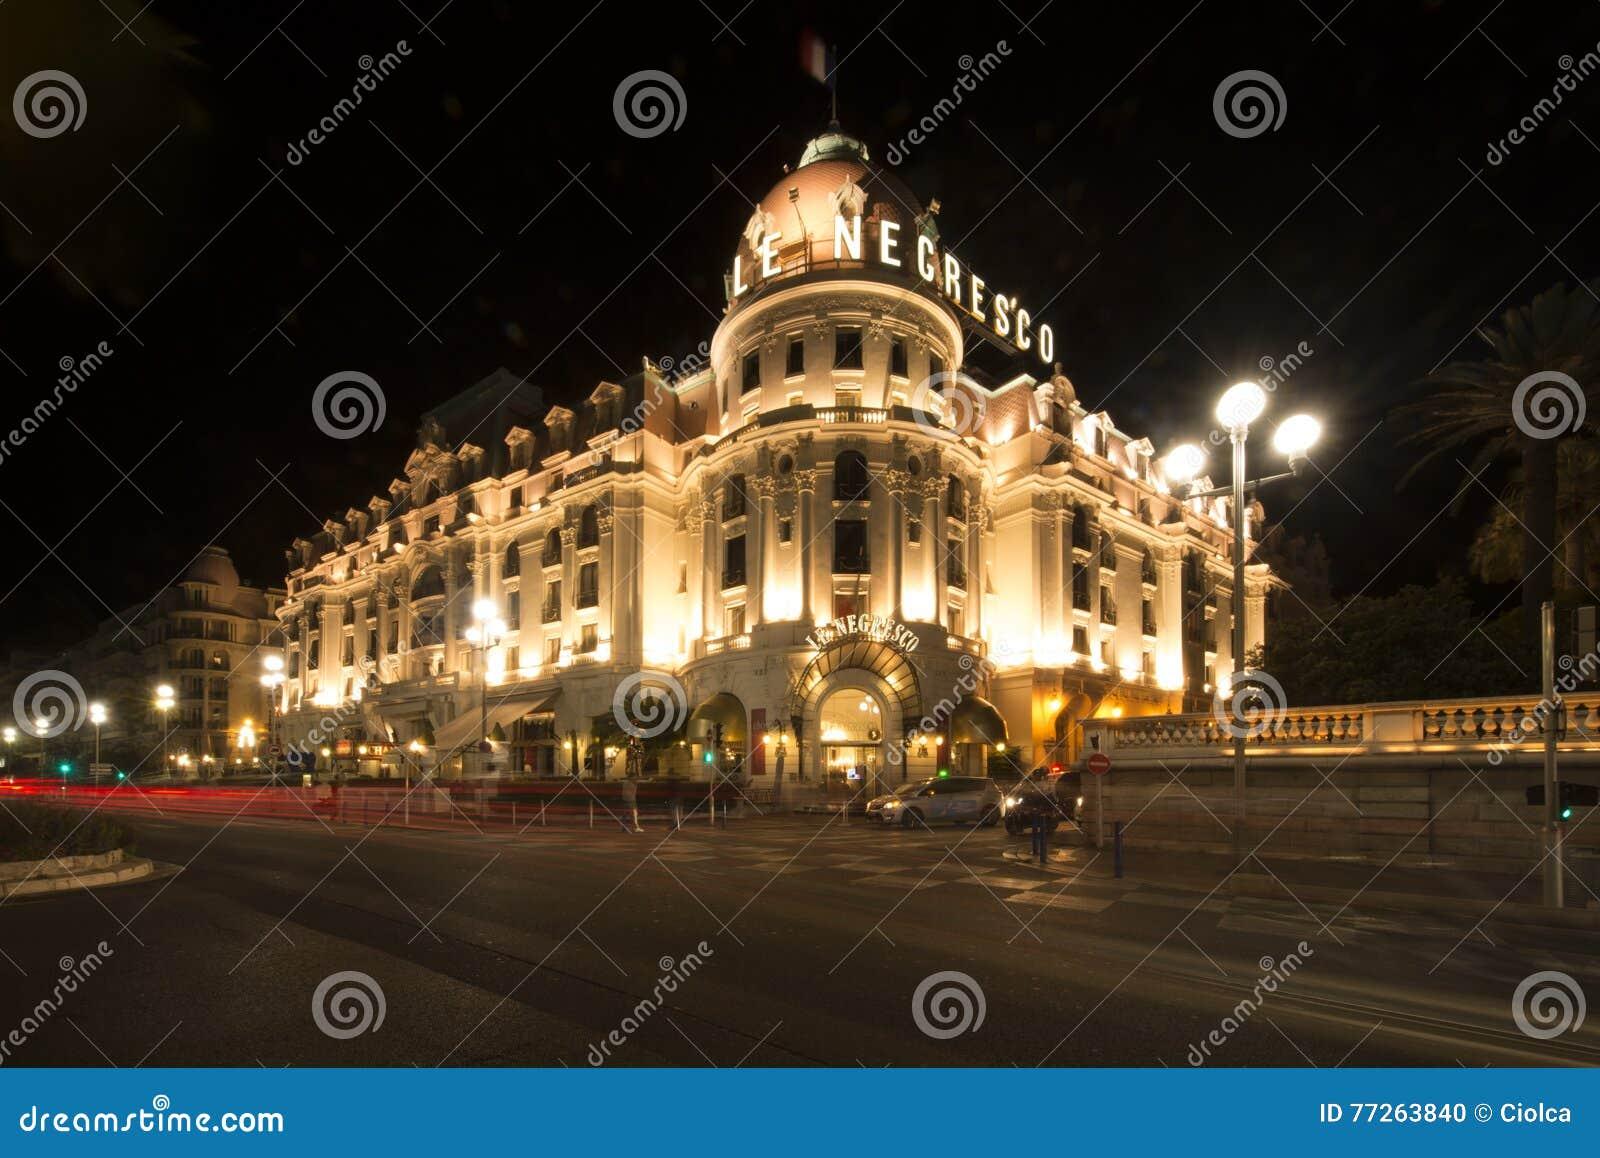 El Negresco hotel nocą, Ładną, Francja